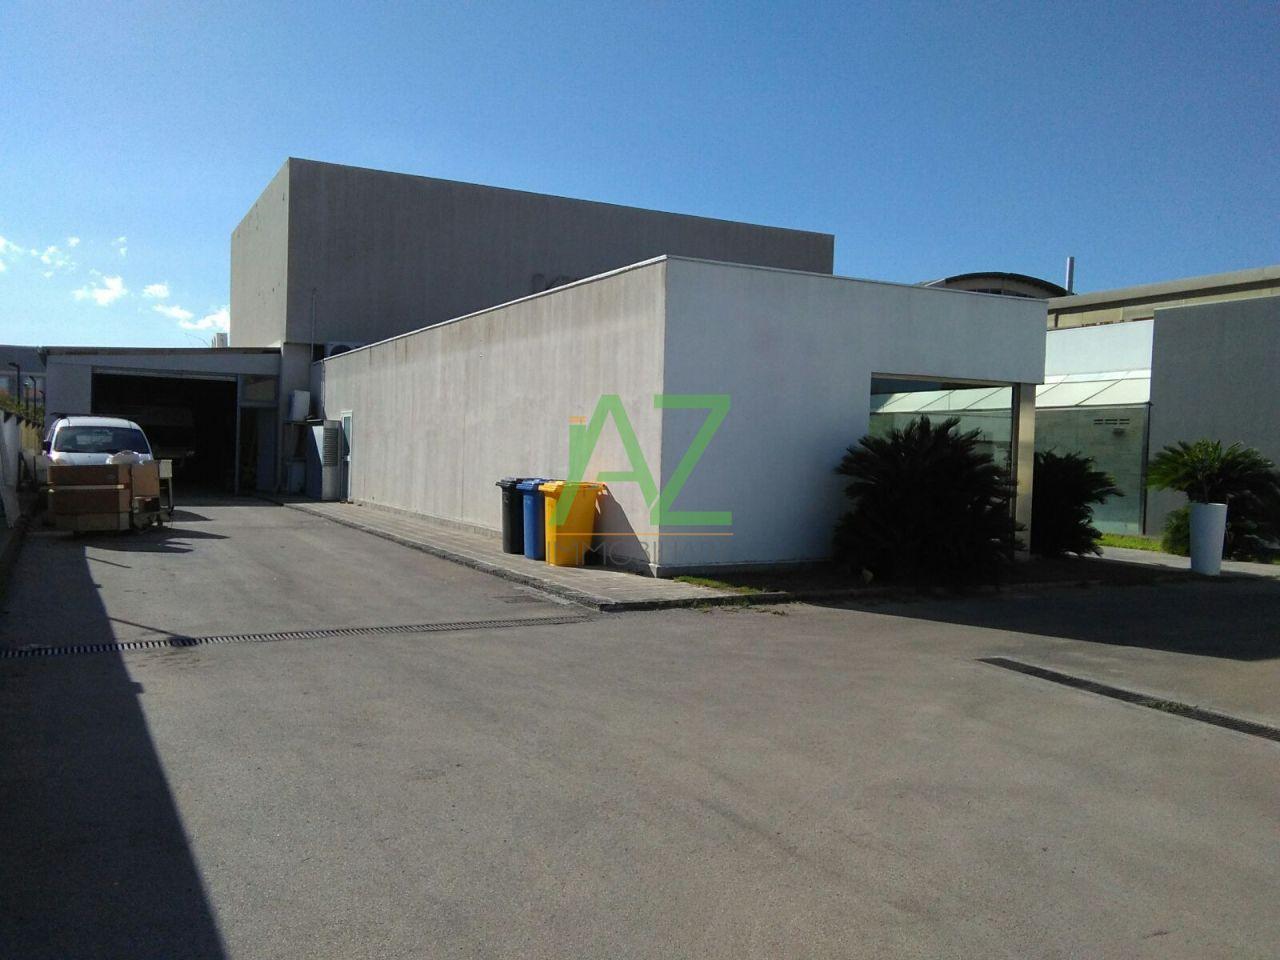 Capannone / Fondo - Laboratorio a Piano Tavola, Belpasso Rif. 4148549